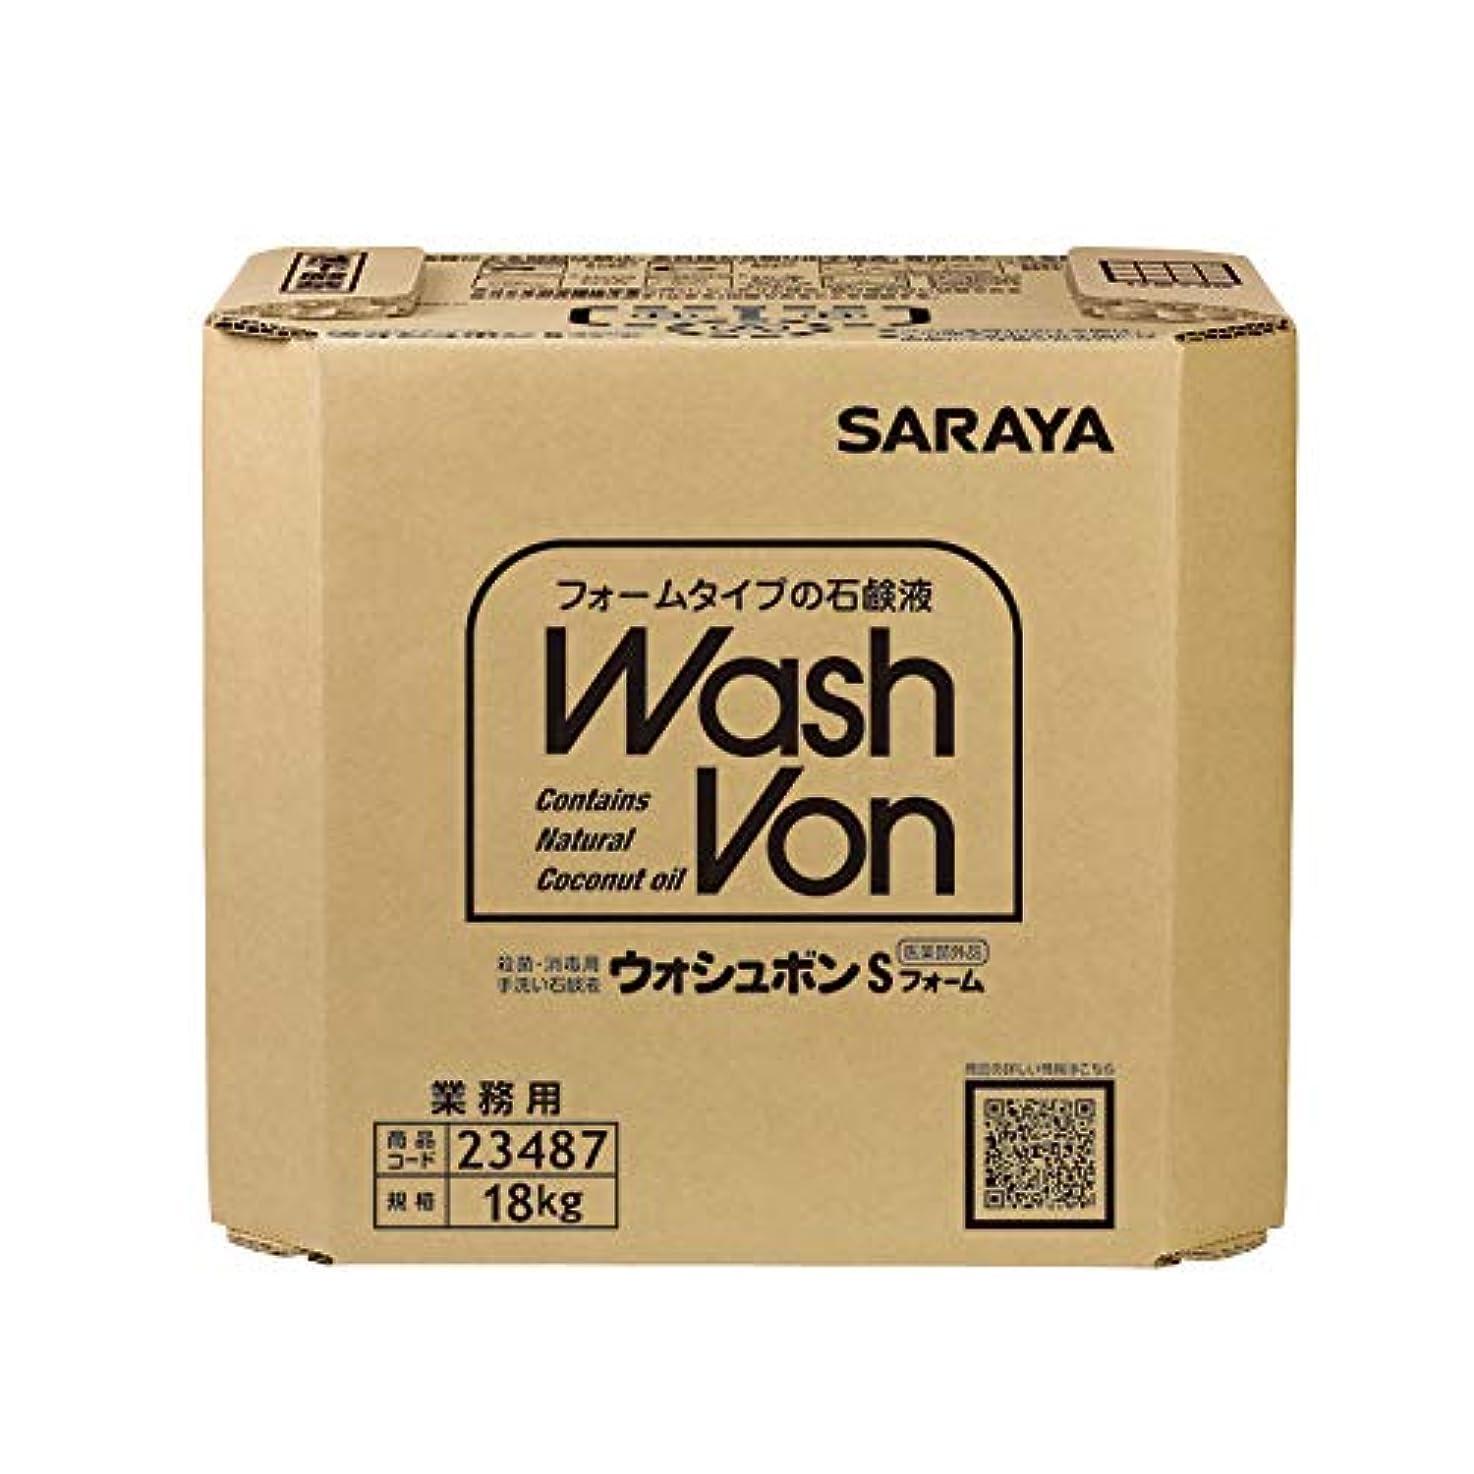 赤面ぐるぐる月曜サラヤ ウォシュボン Sフォーム 18kg 23487 (コック付き)